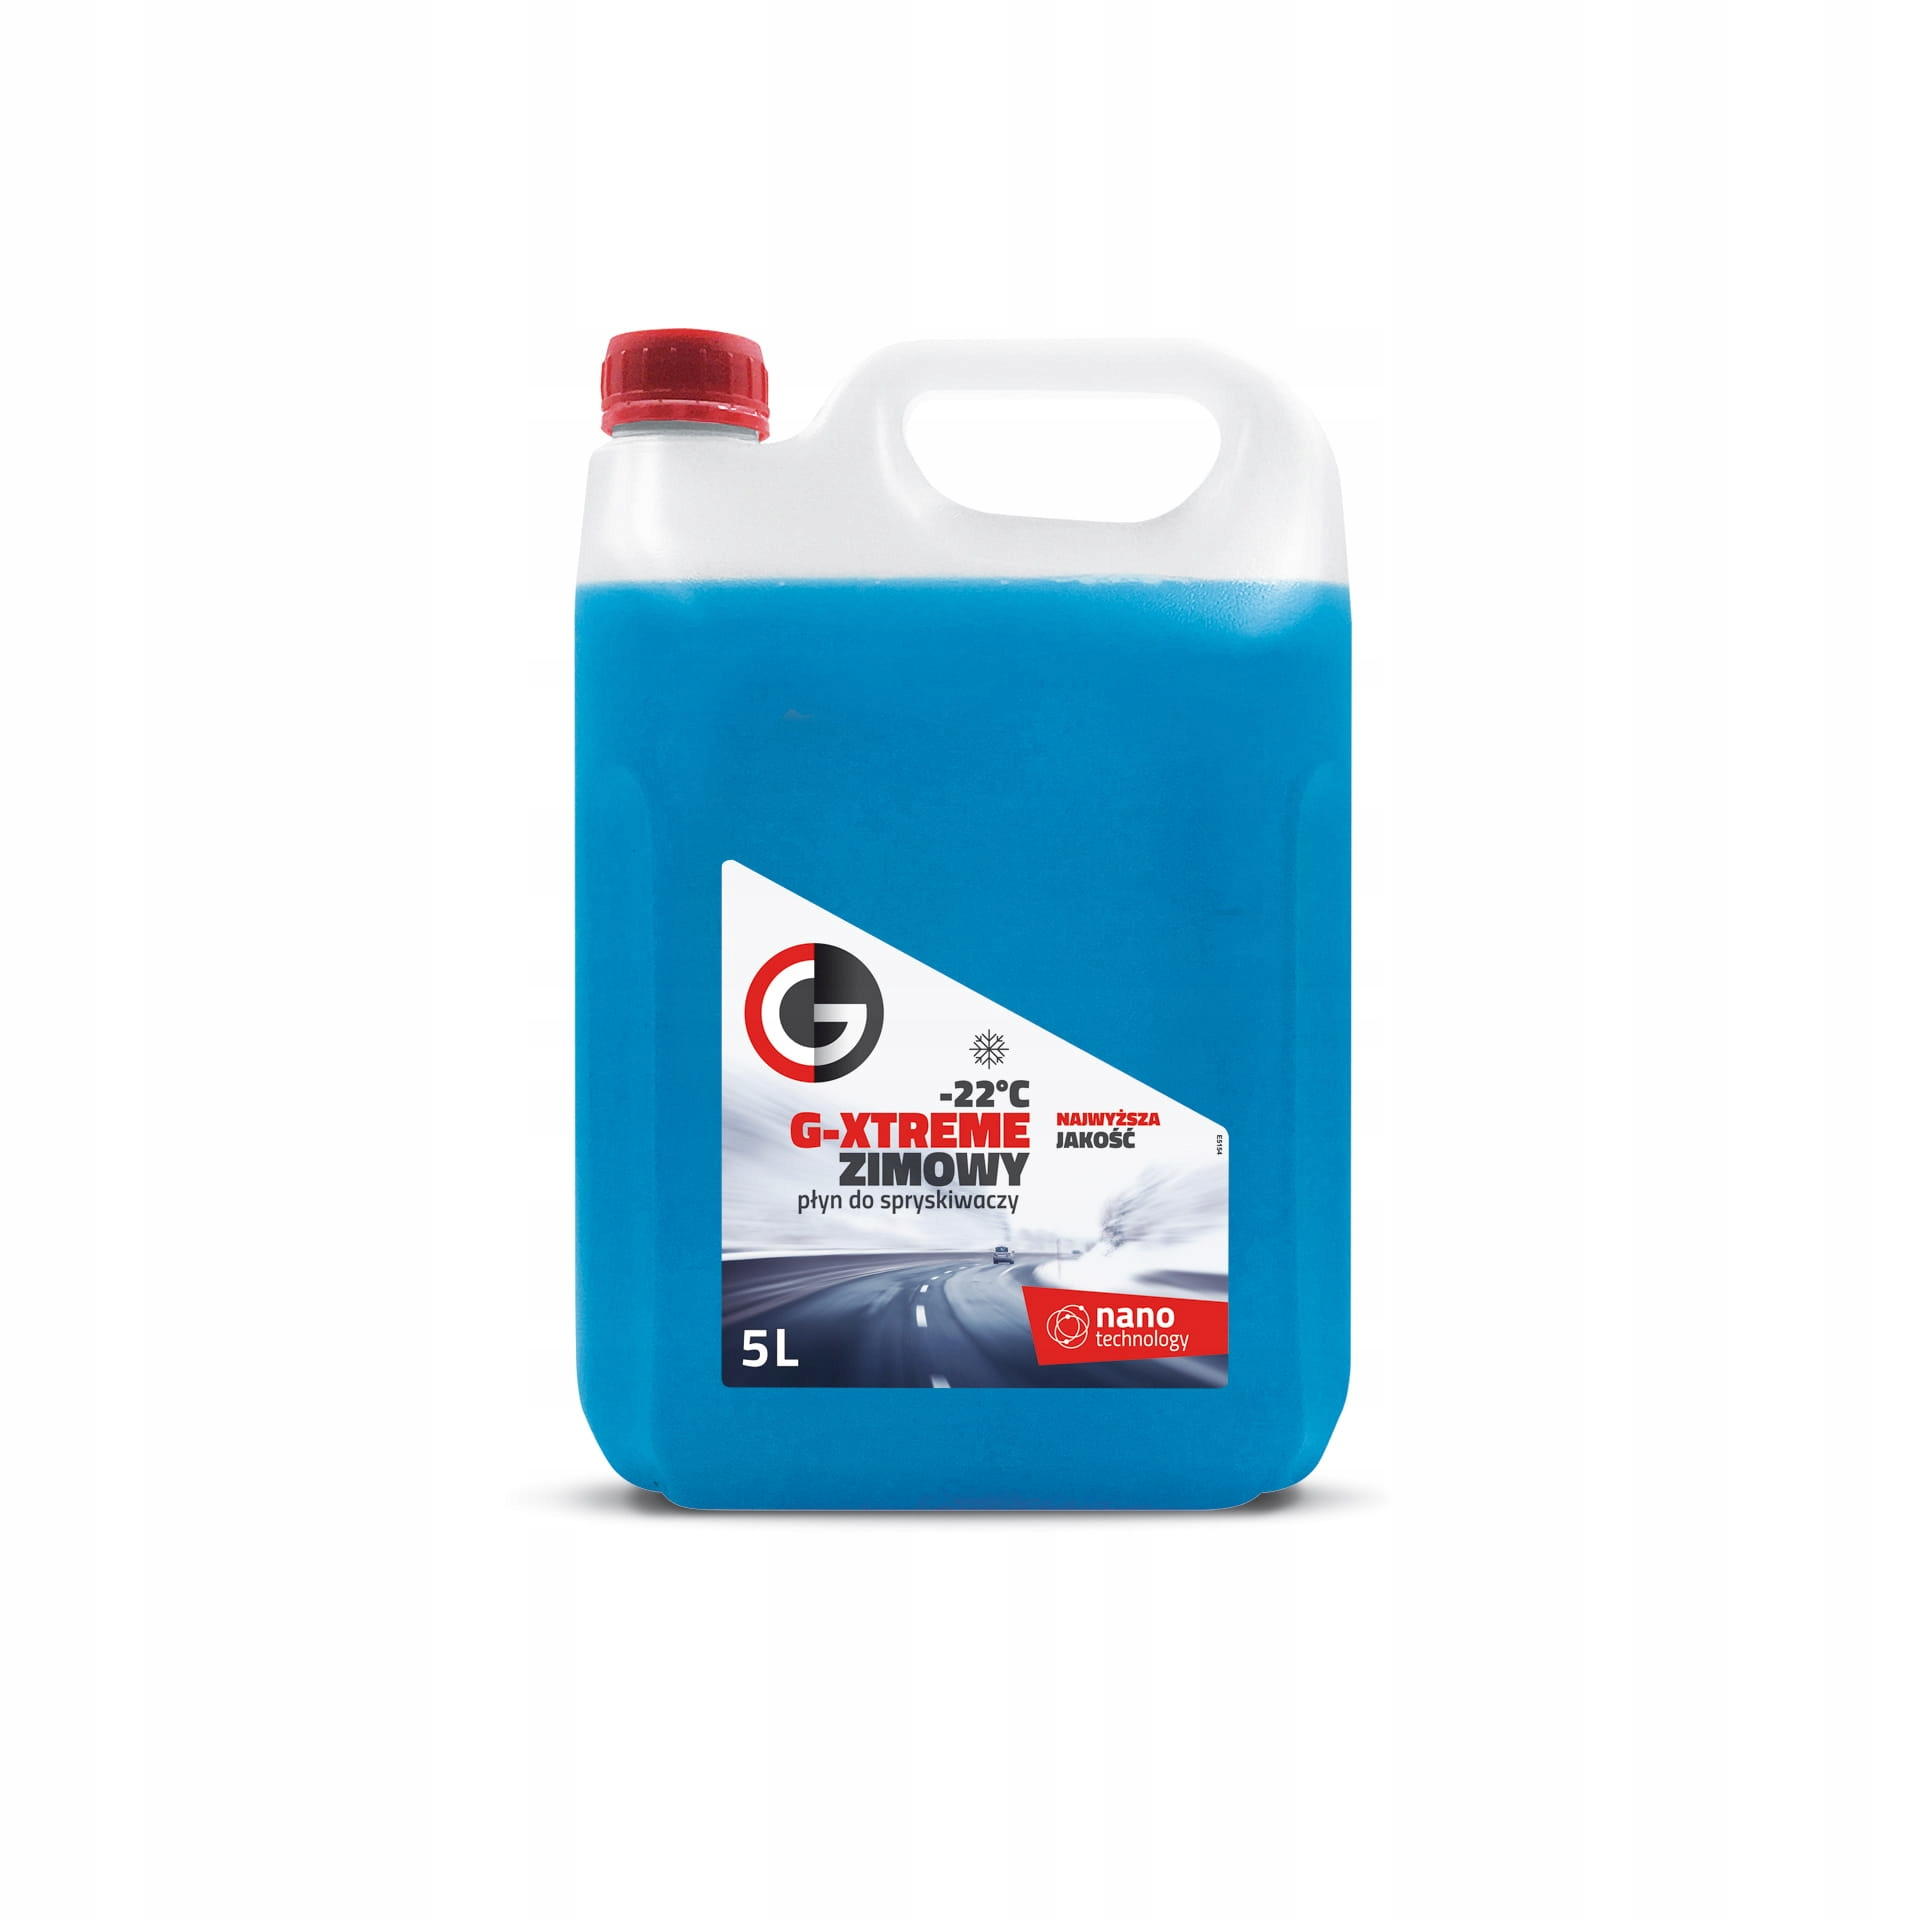 Zimowy płyn do spryskiwaczy -22 5 litrów dla firm